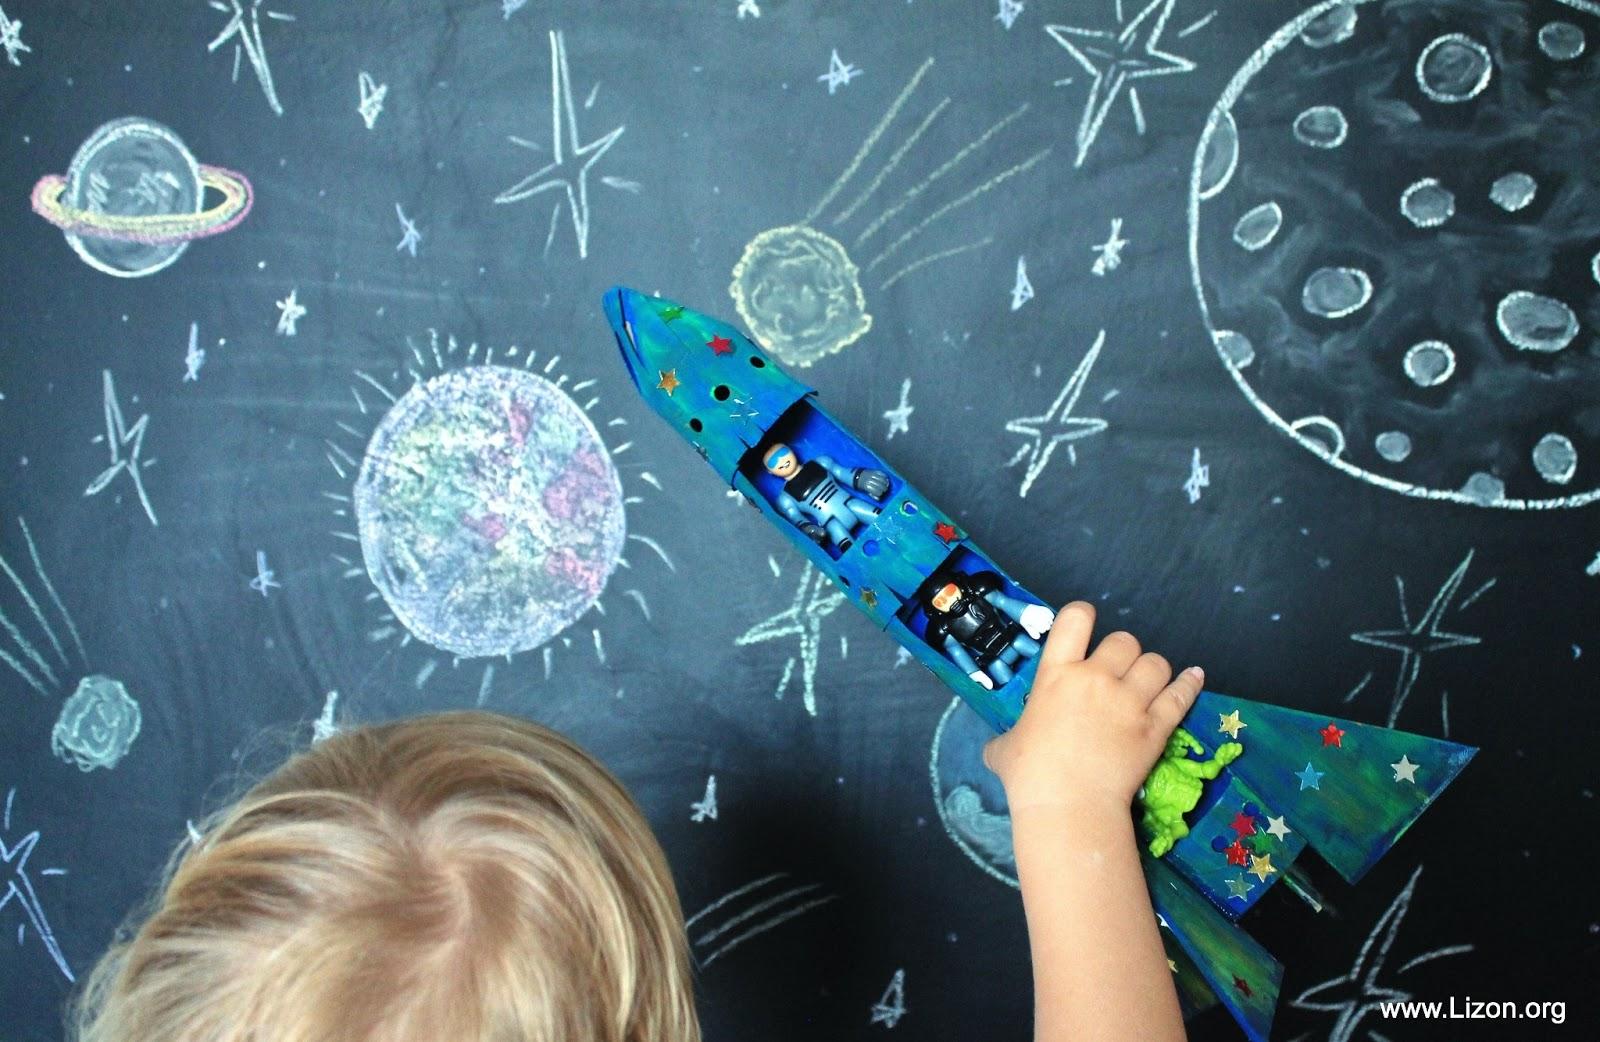 Космонавт в ракете своими руками